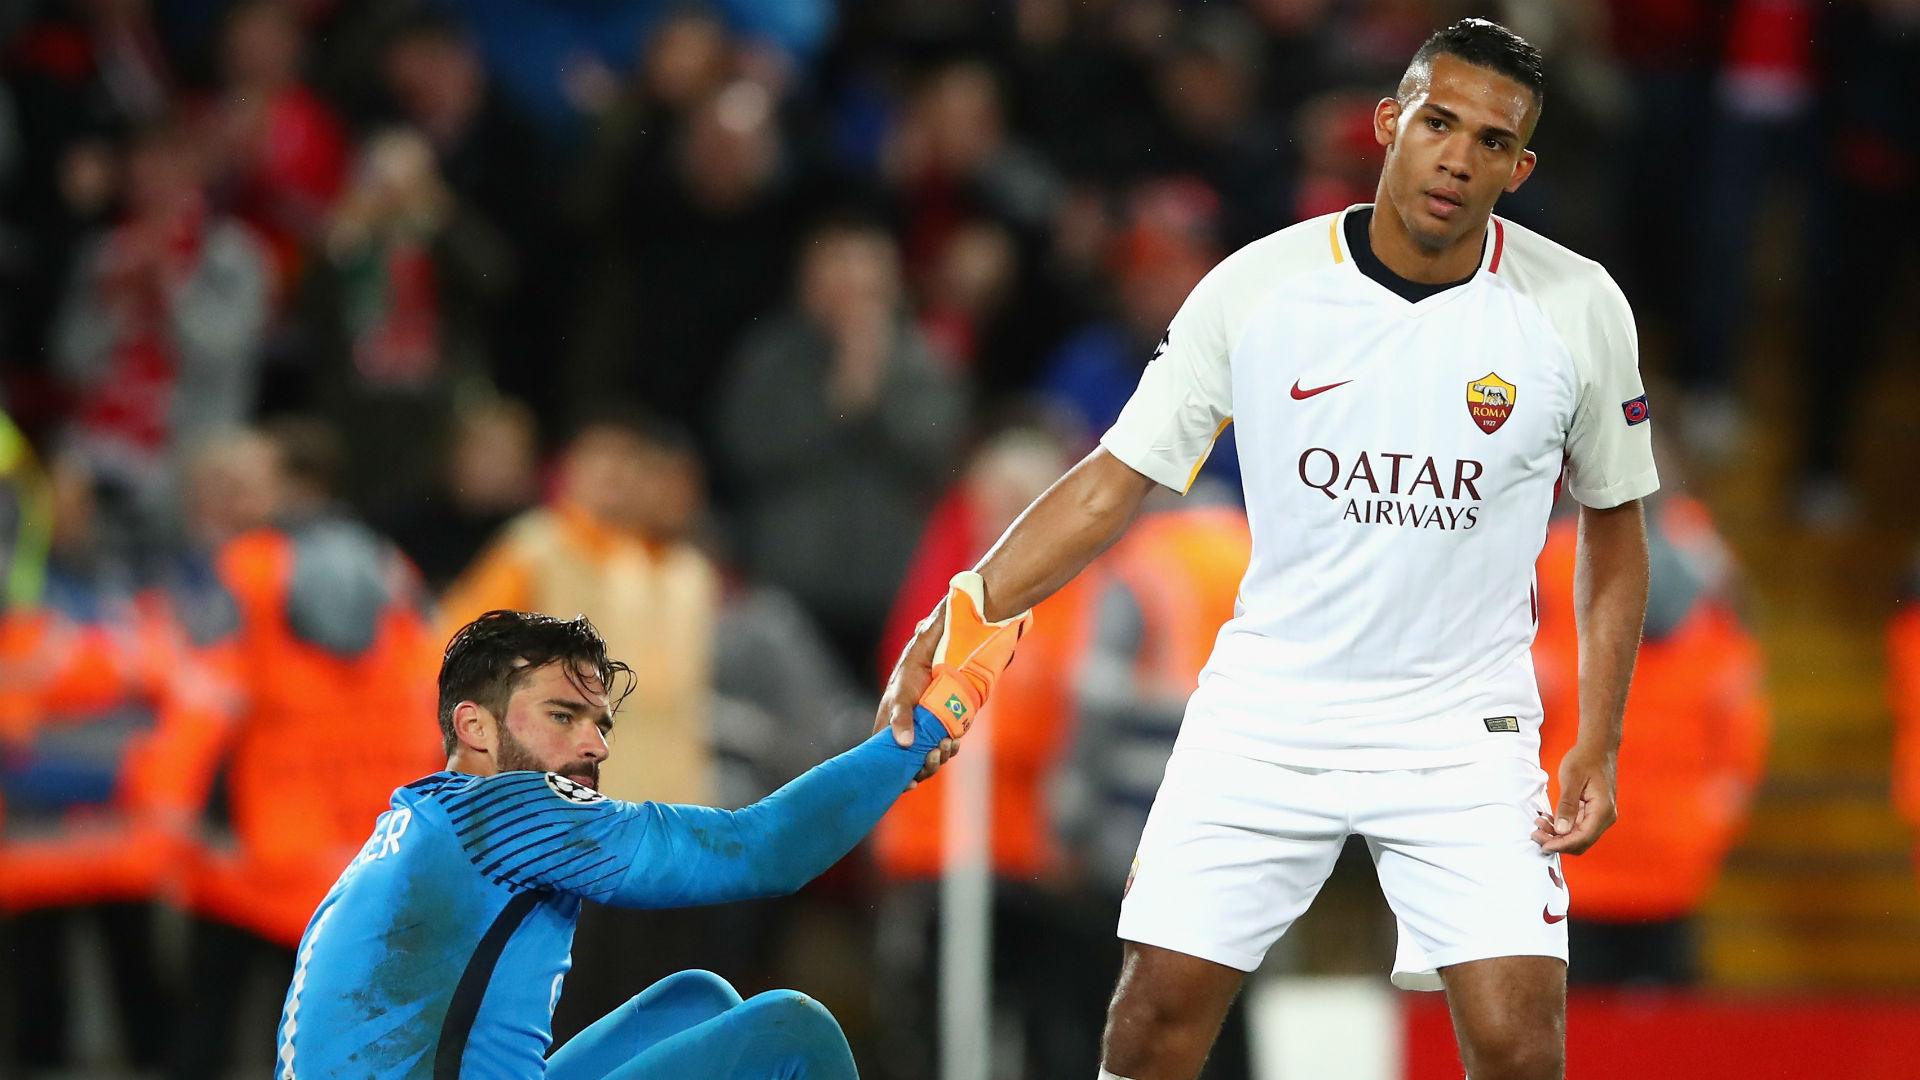 Scontri a Liverpool, interviene la Uefa: ecco cosa rischia la Roma